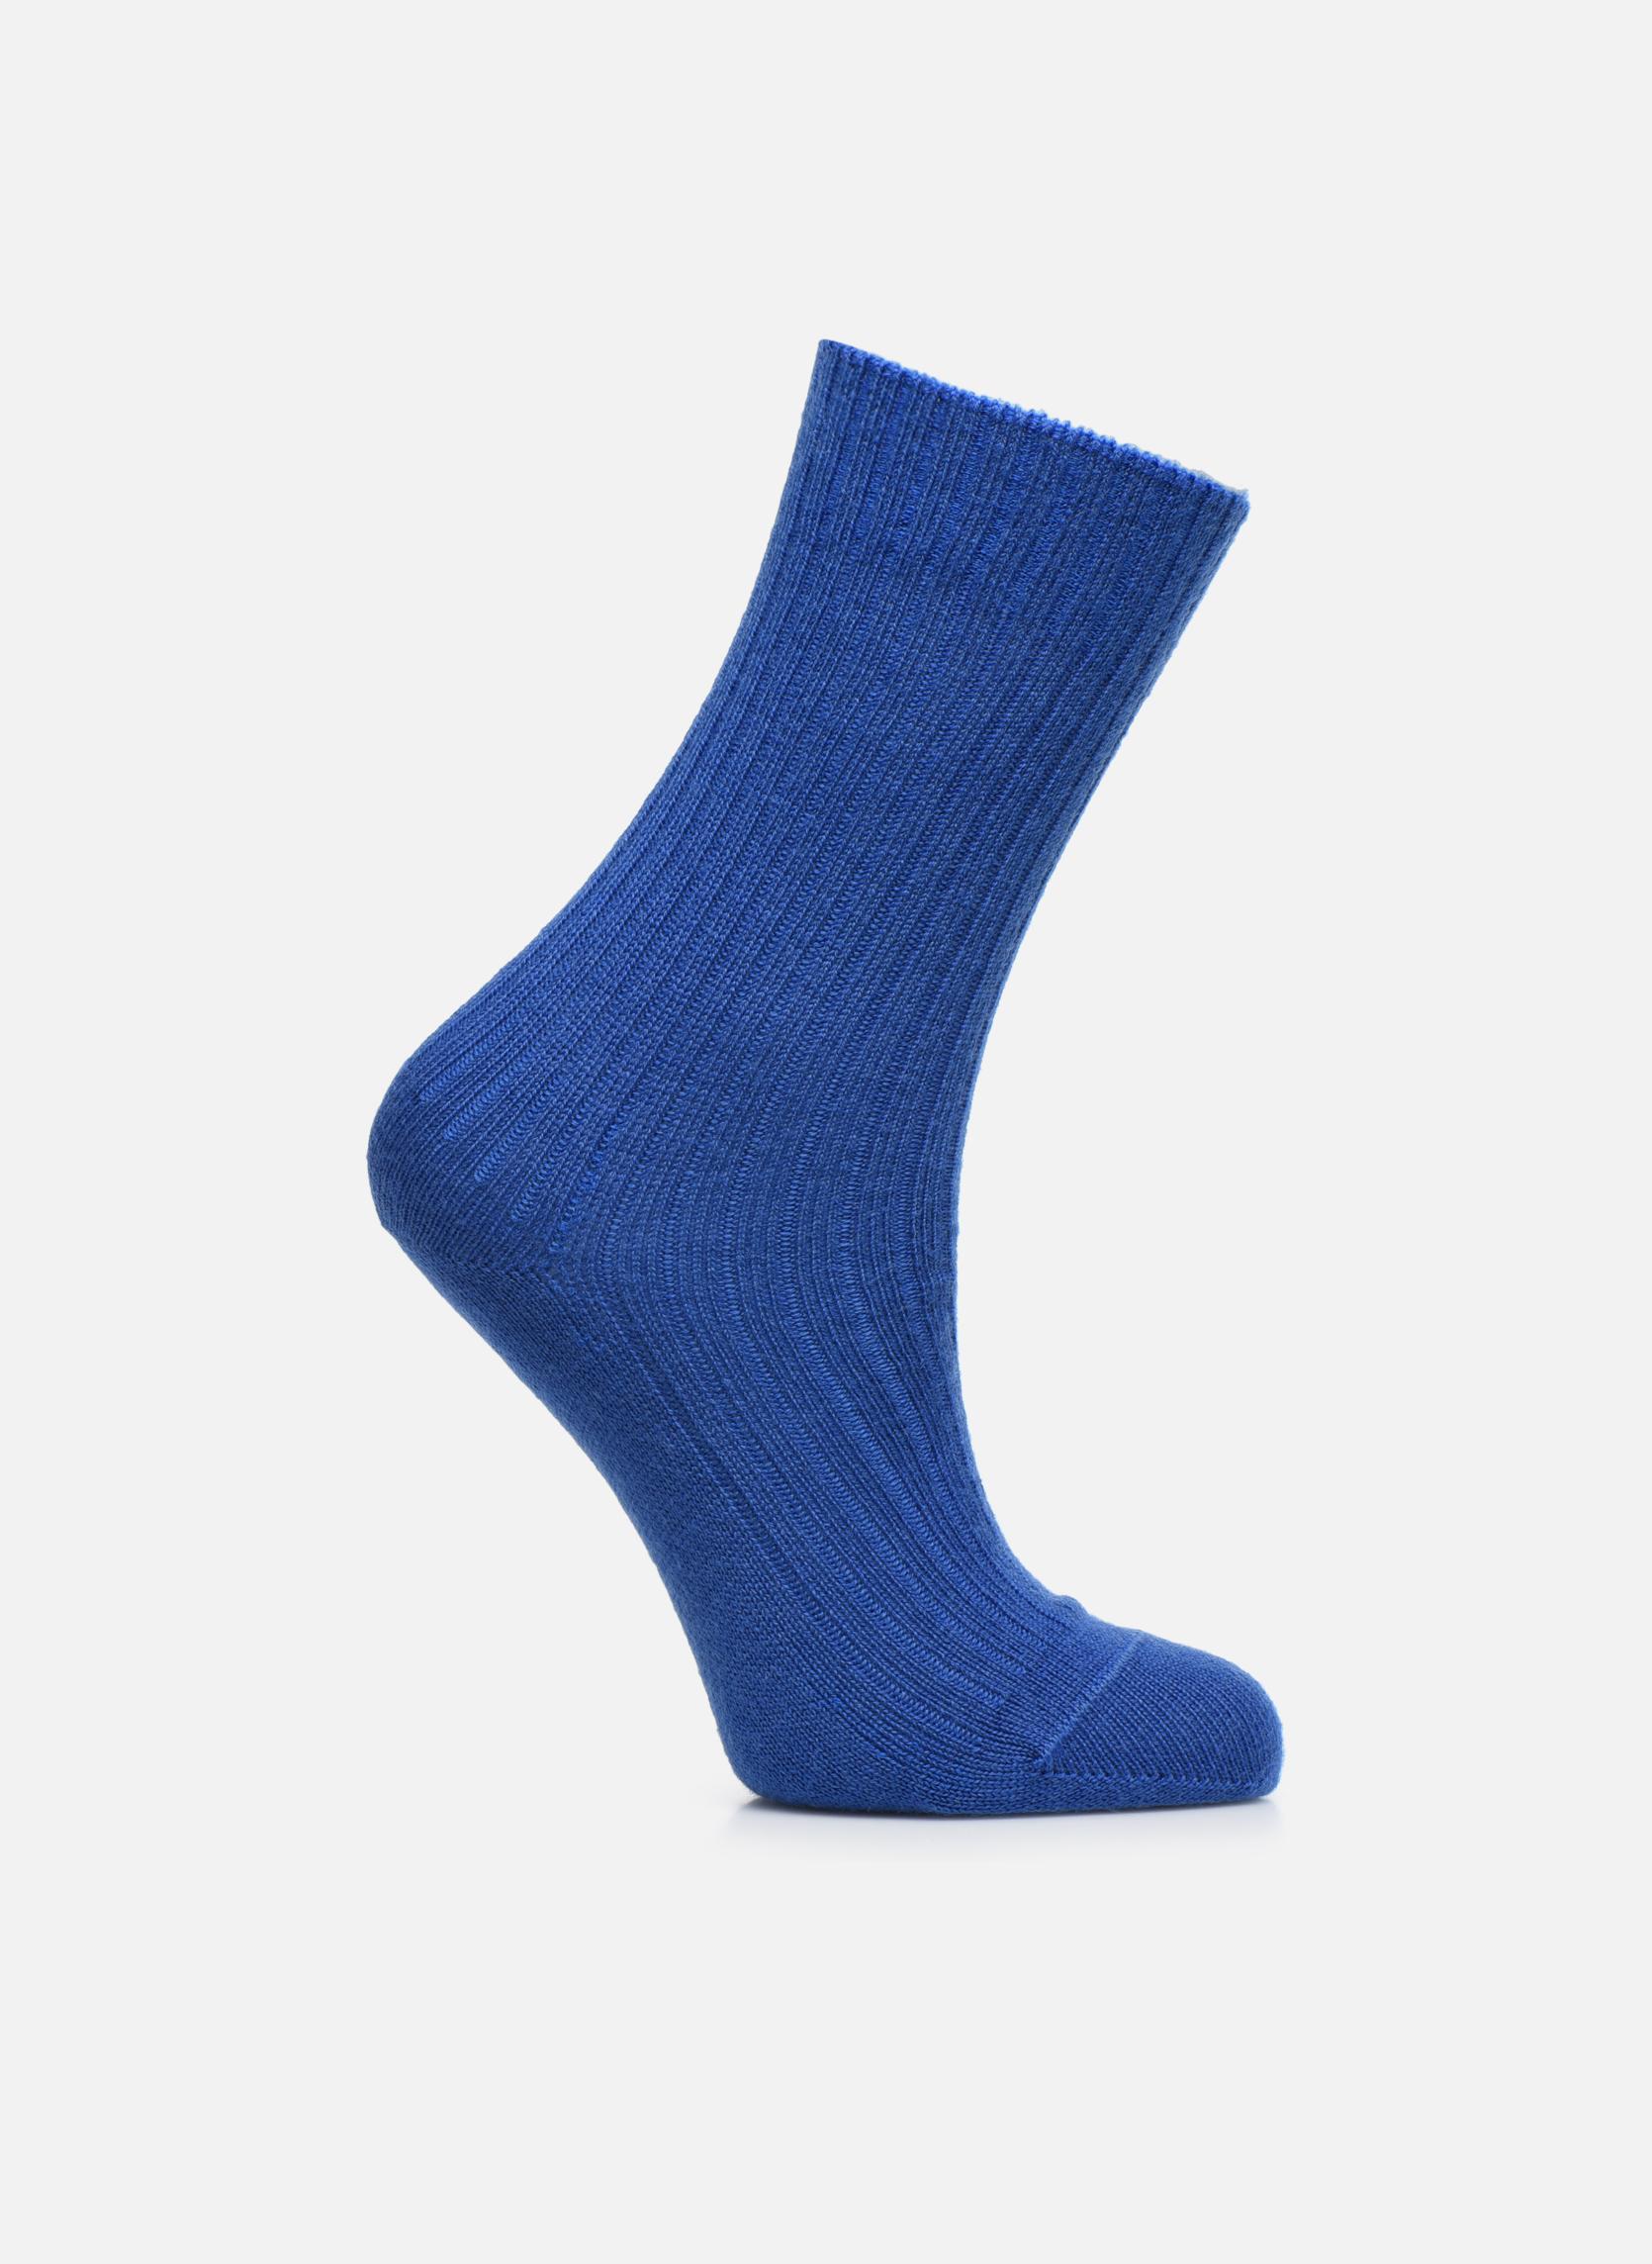 438 - bleu